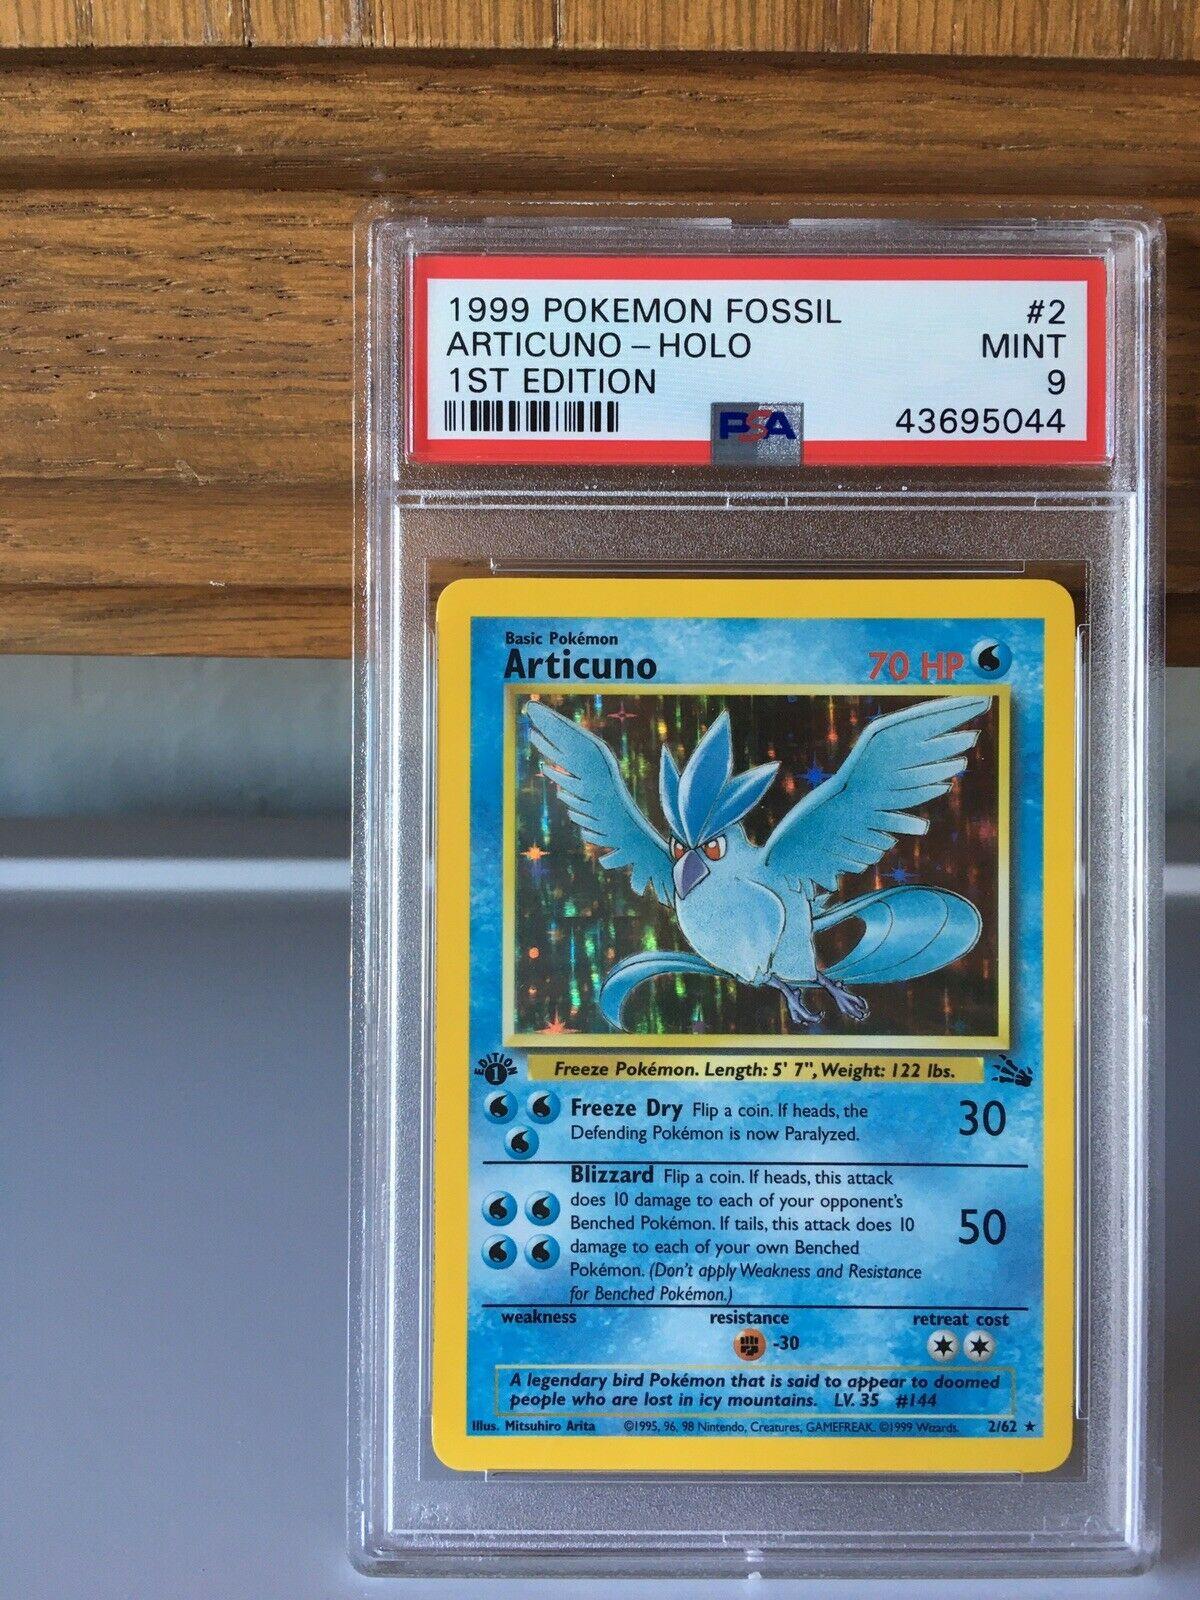 1st Edition Articuno  Holo PSA 9 Rare 1999 WOTC Pokemon Card Fossil